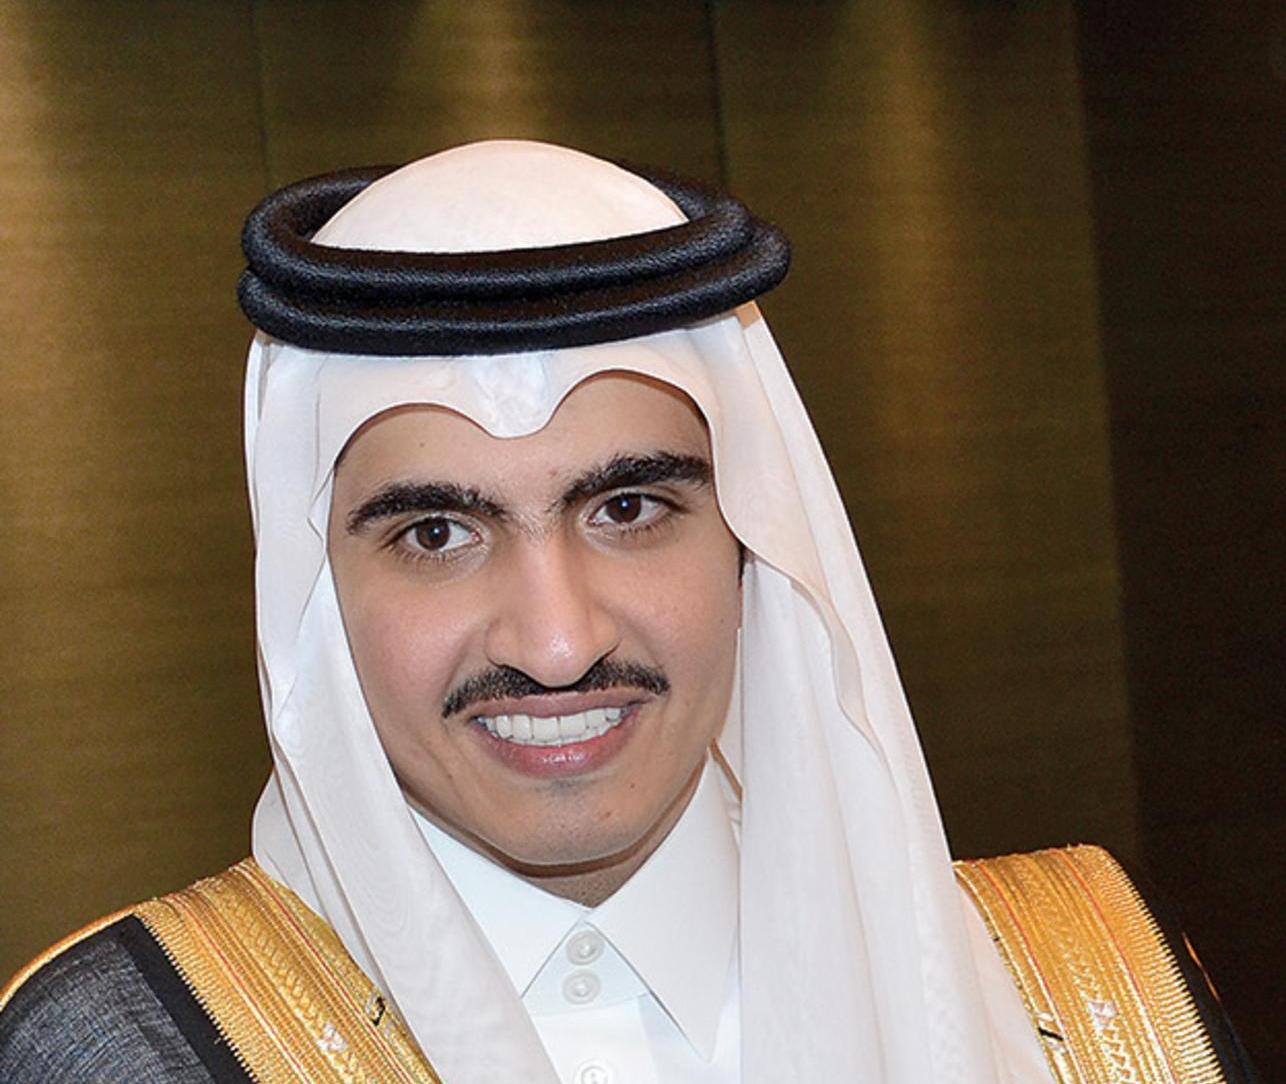 الأمير بدر بن سلطان بن عبدالعزيز